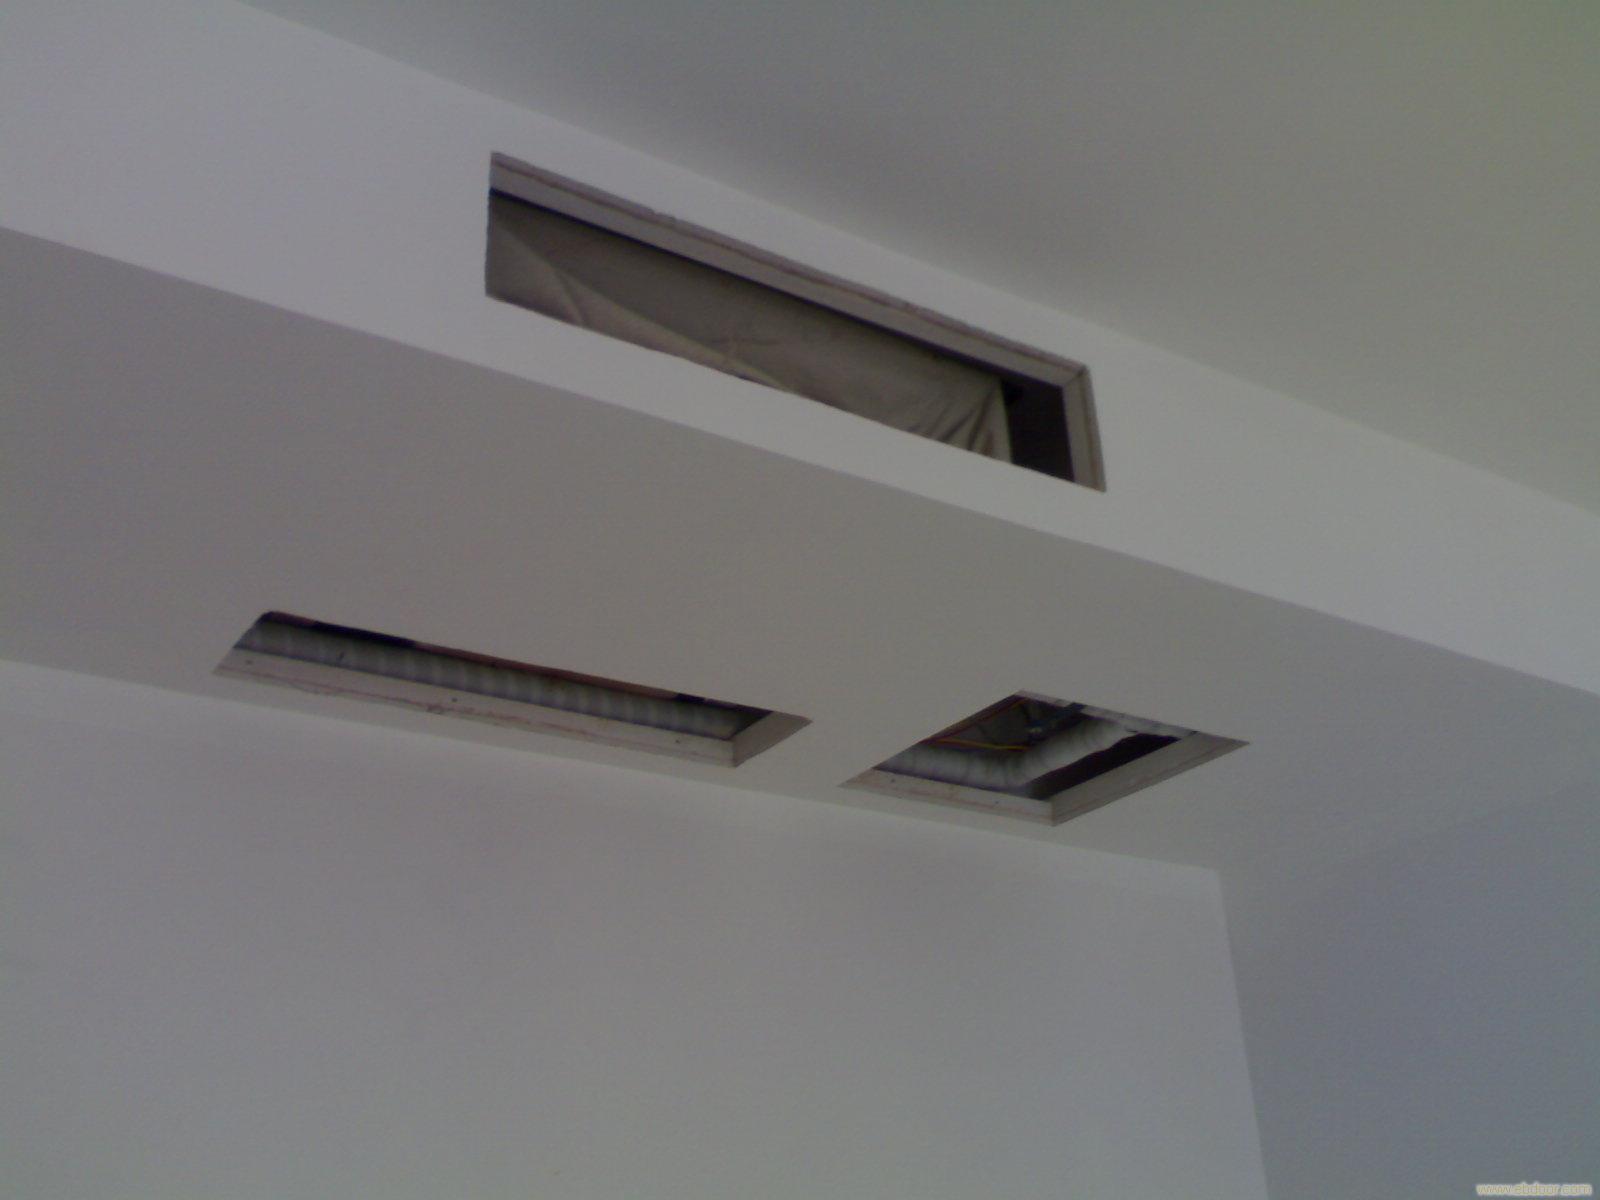 格力中央空调制热不启动—格力中央空调制热不启动原因